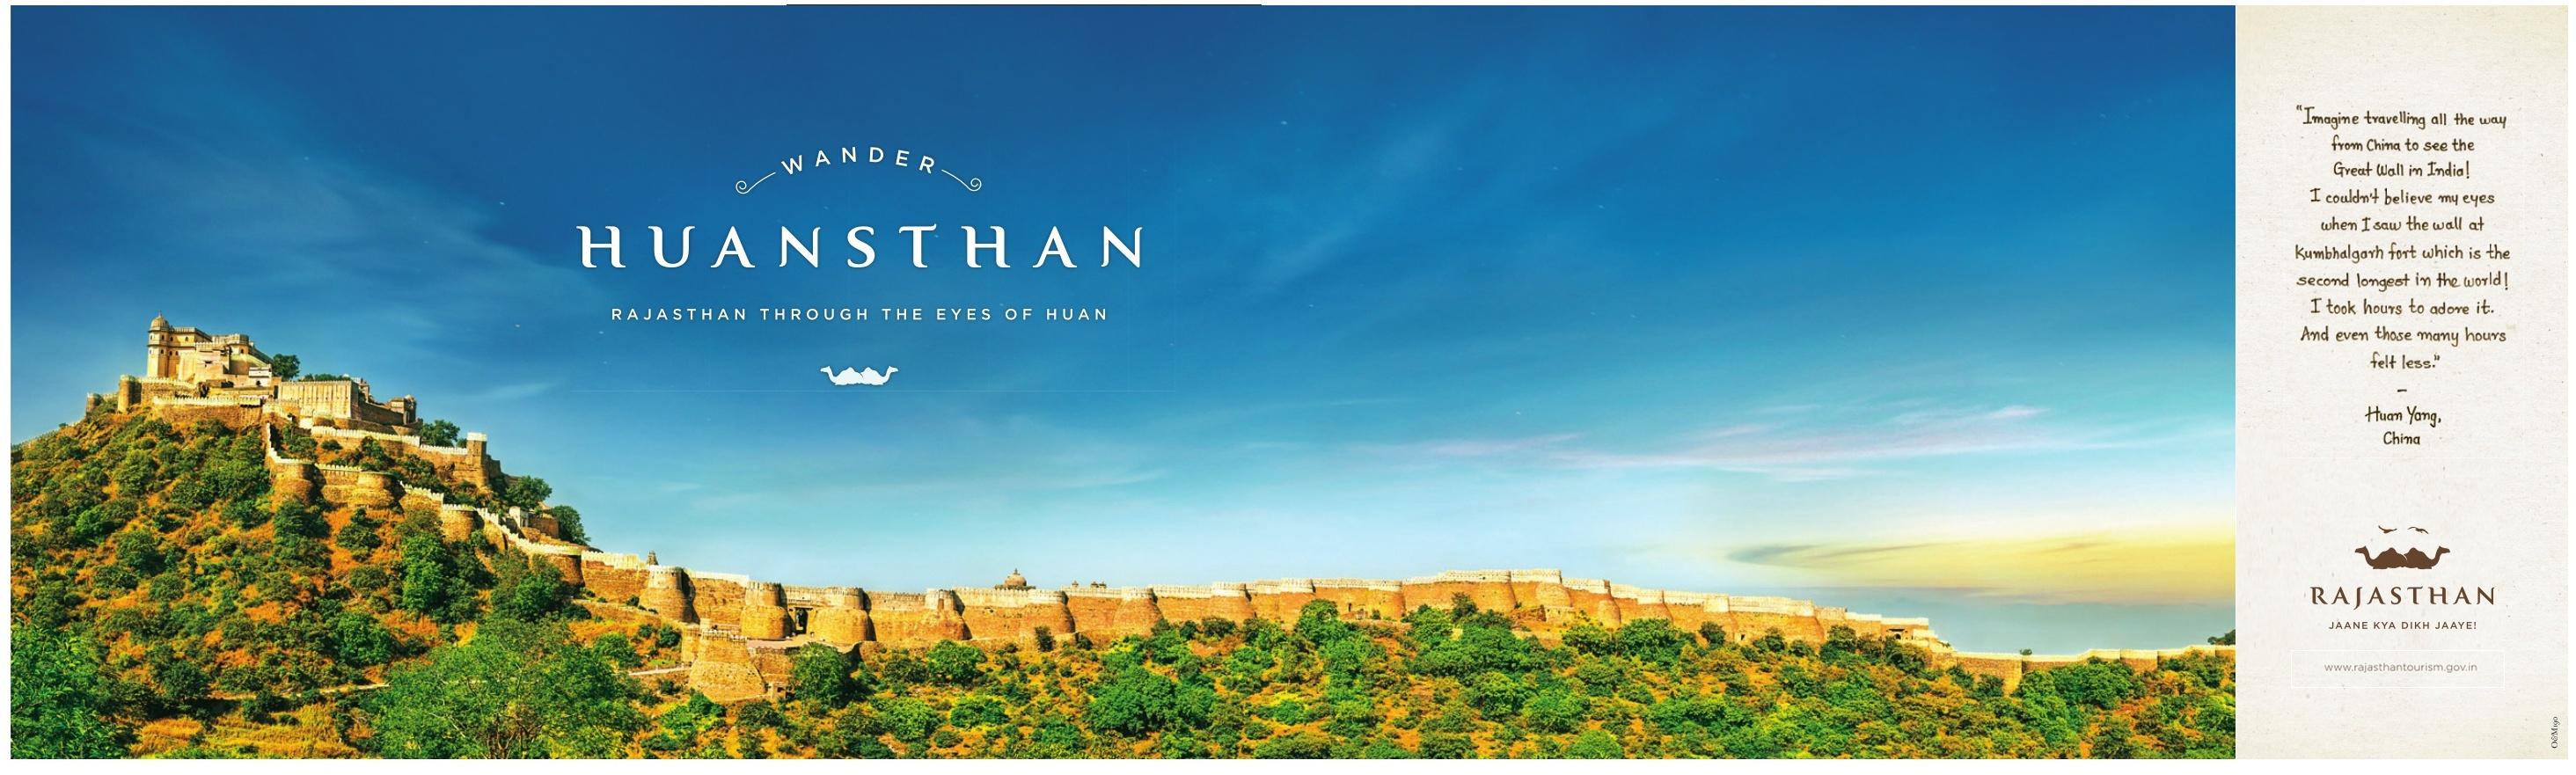 Rajasthan Tourism - Jaane Kya Dikh Jaye